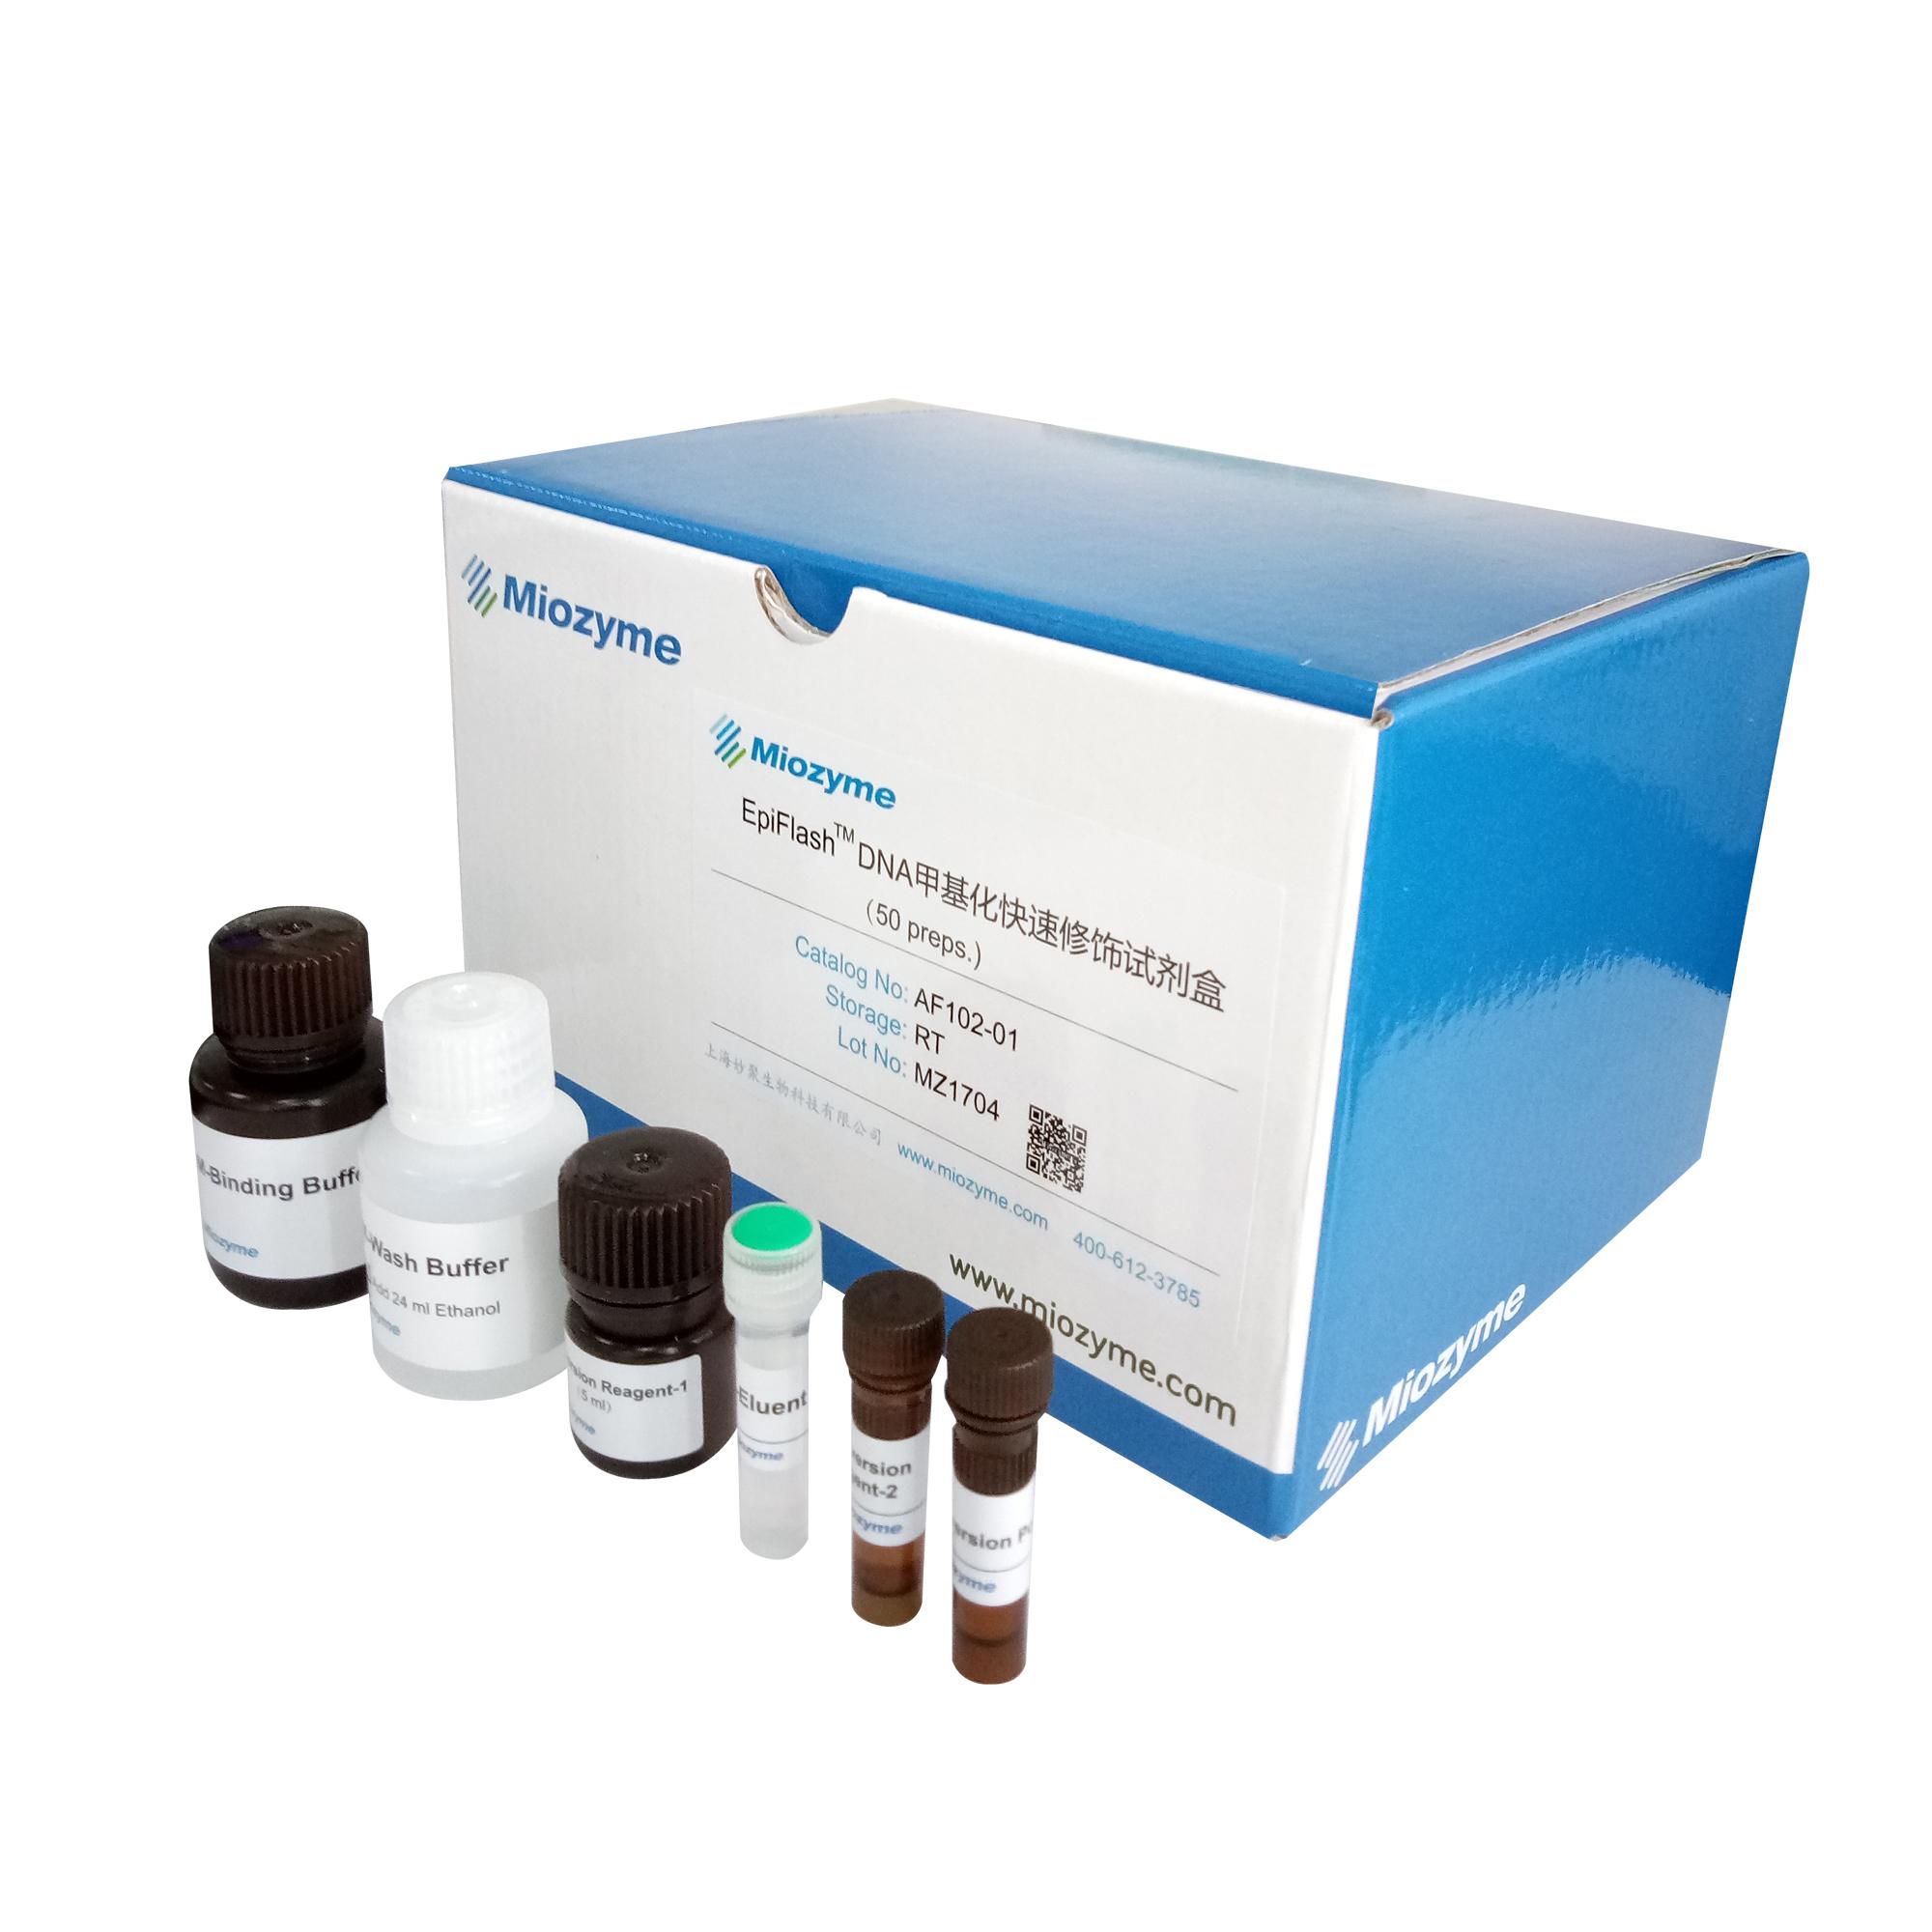 妙聚 EpiFlash®  DNA亚硫酸盐快速修饰试剂盒